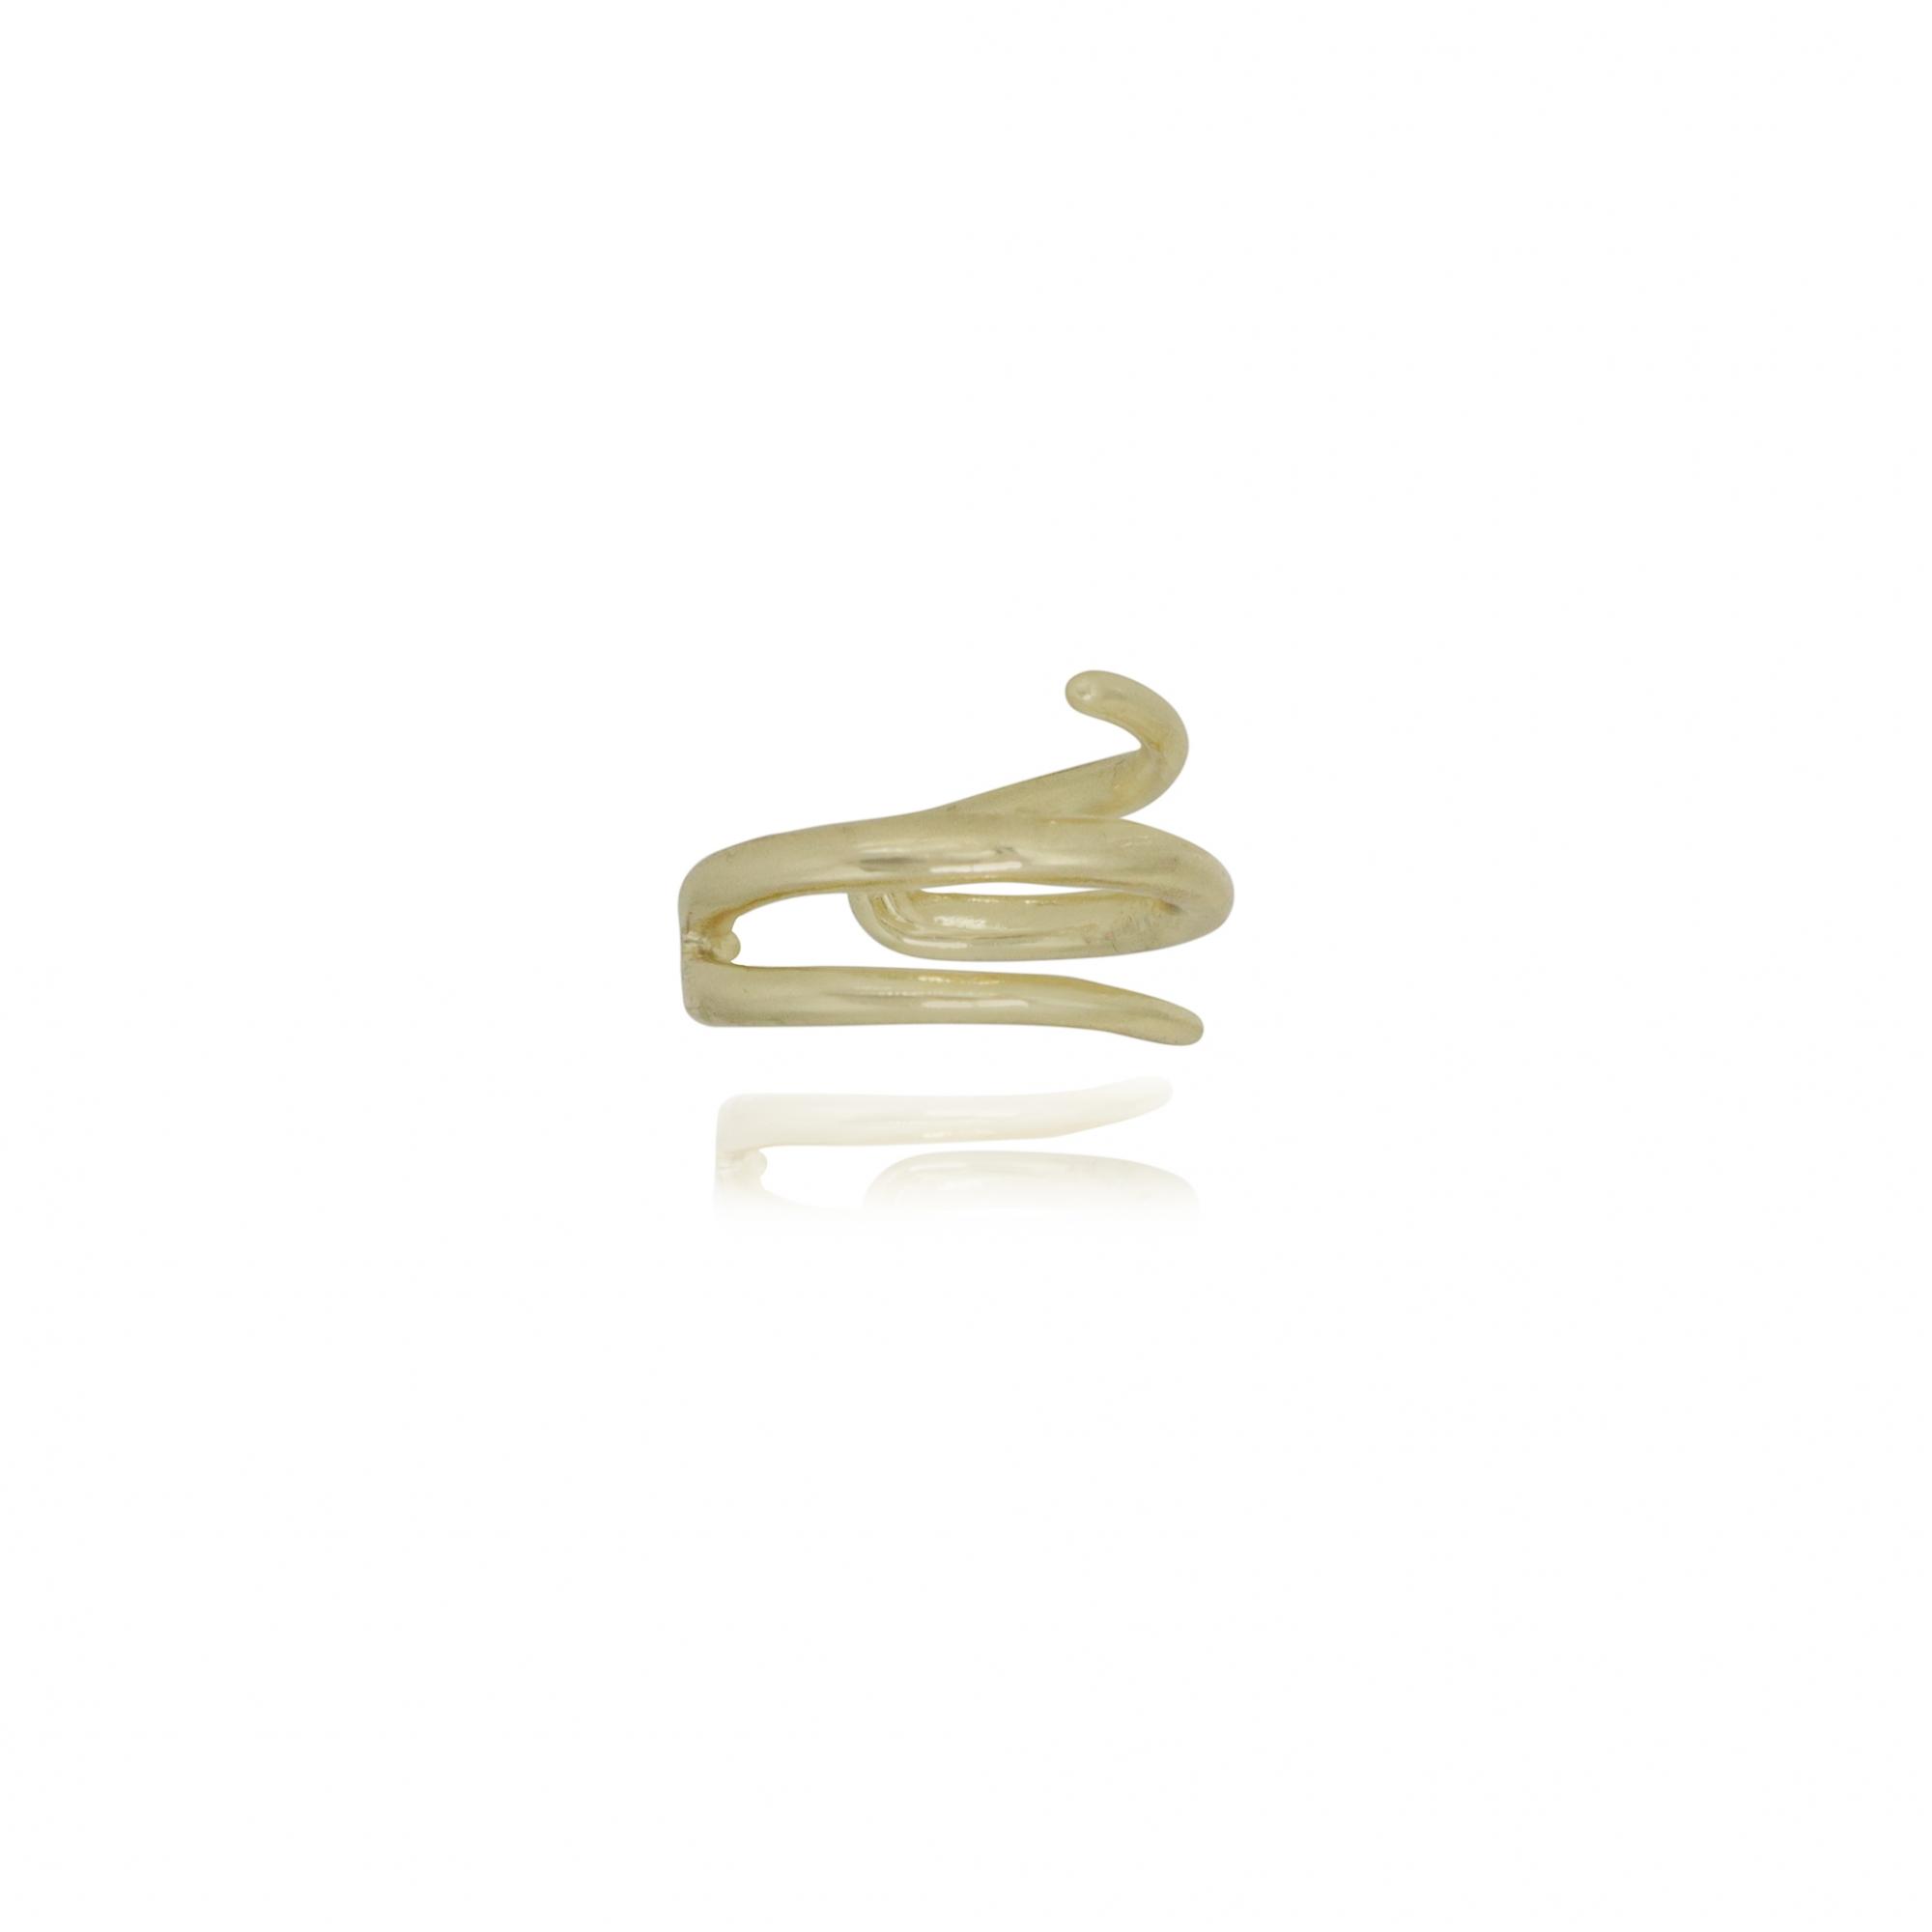 Piercing fake semijoia pontas folheado a ouro 18k ou ródio